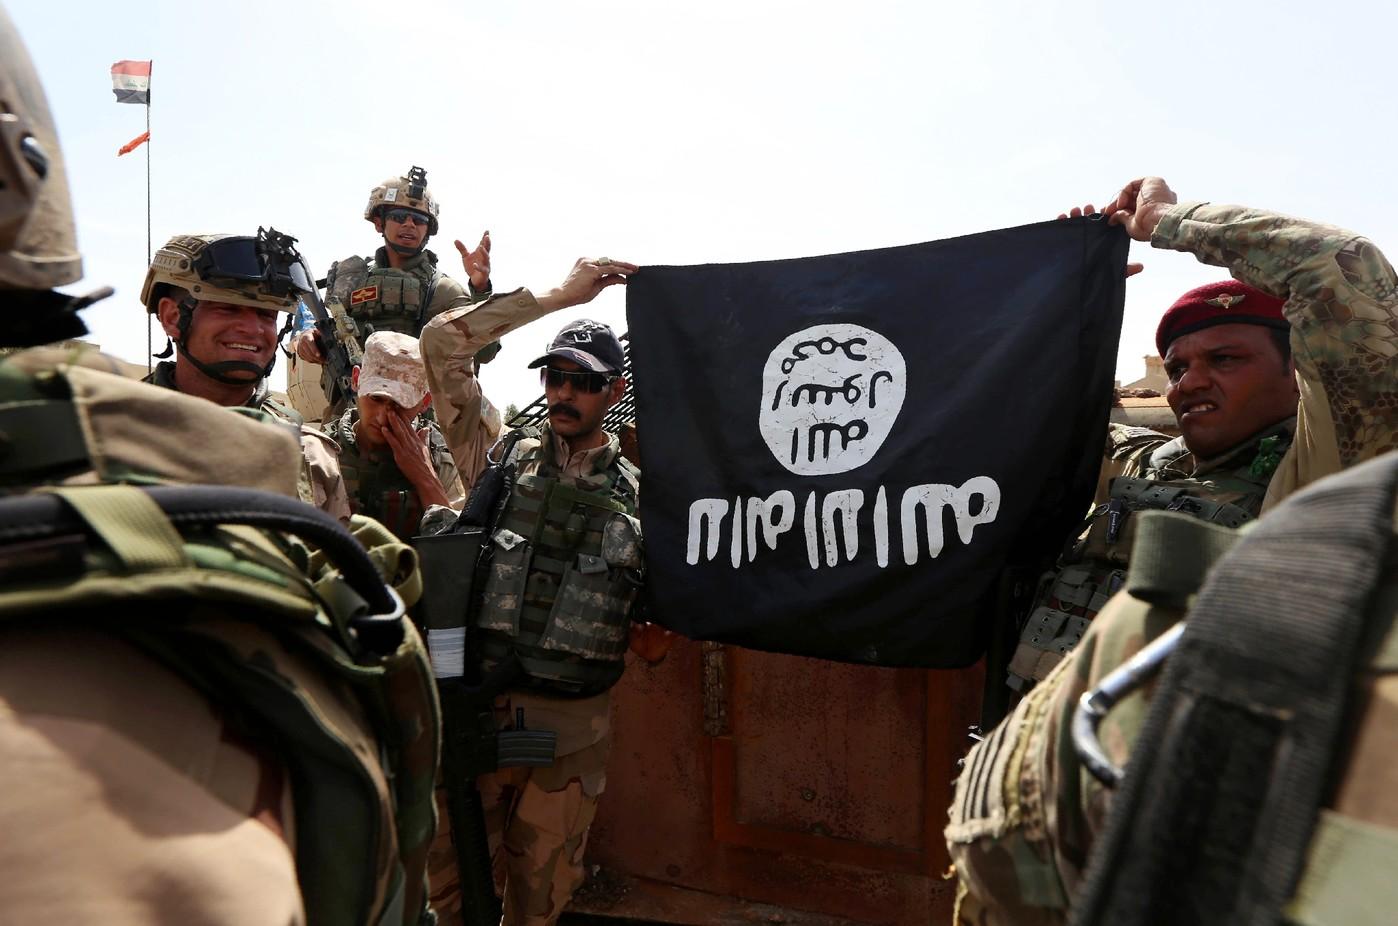 La corruption a favorisé l'émergence du groupe Etat islamique (ONG)